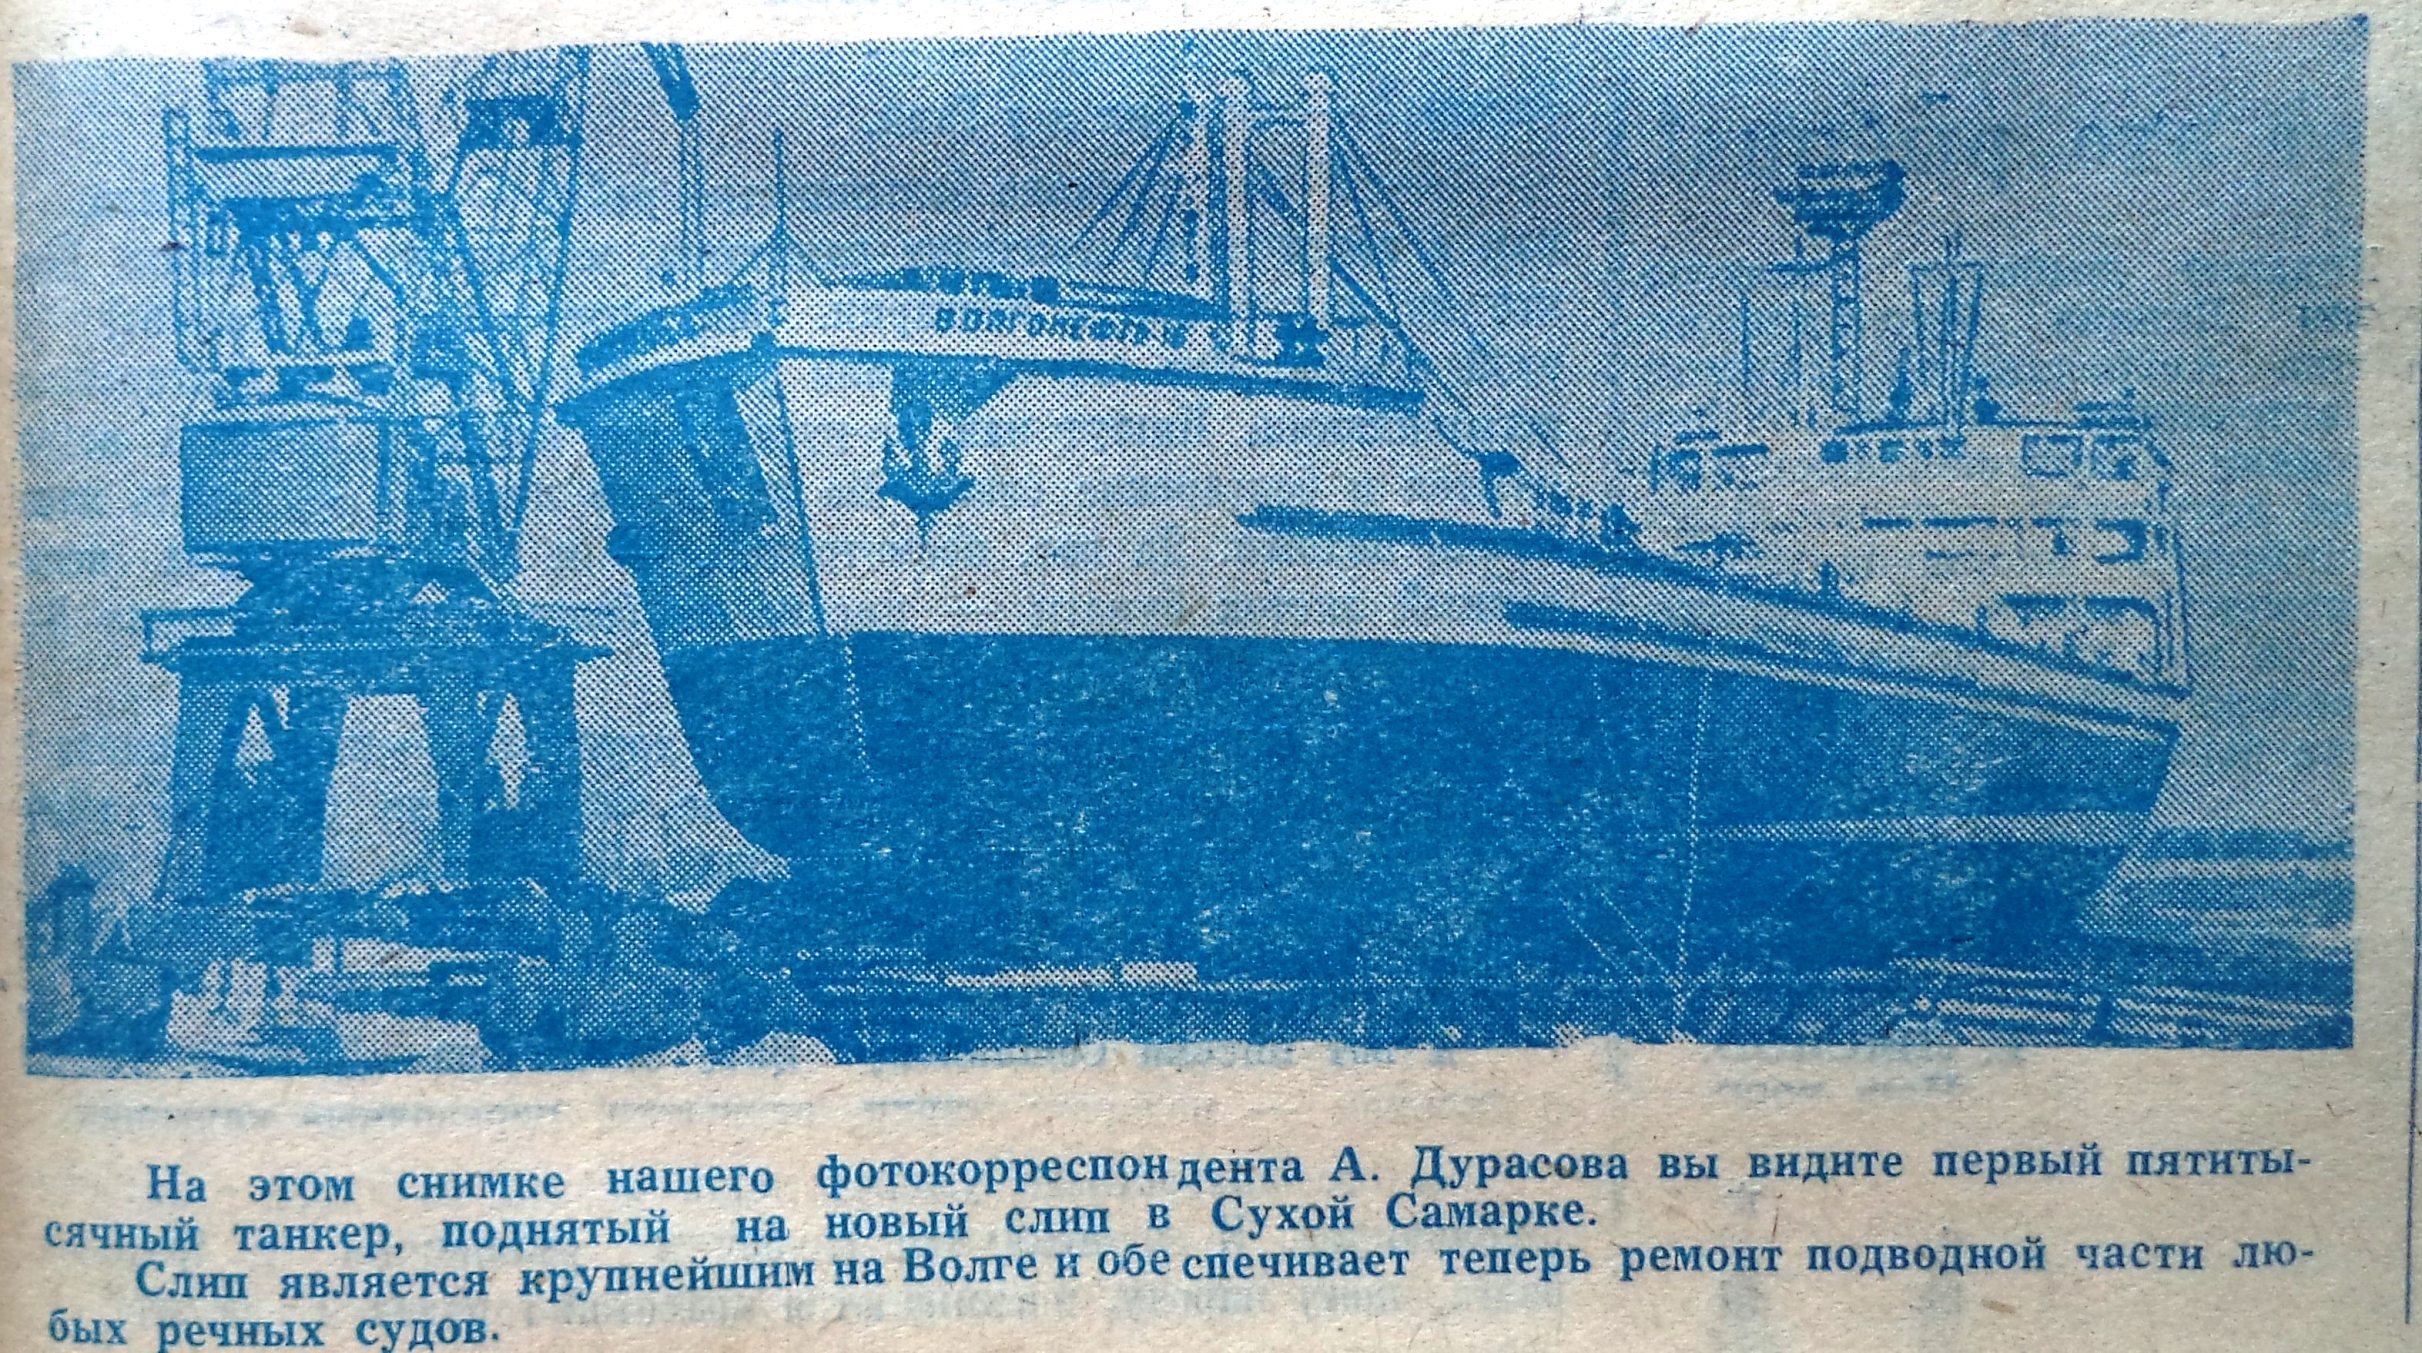 Флотская-ФОТО-01-Советский Танкер-1968-1 мая-min